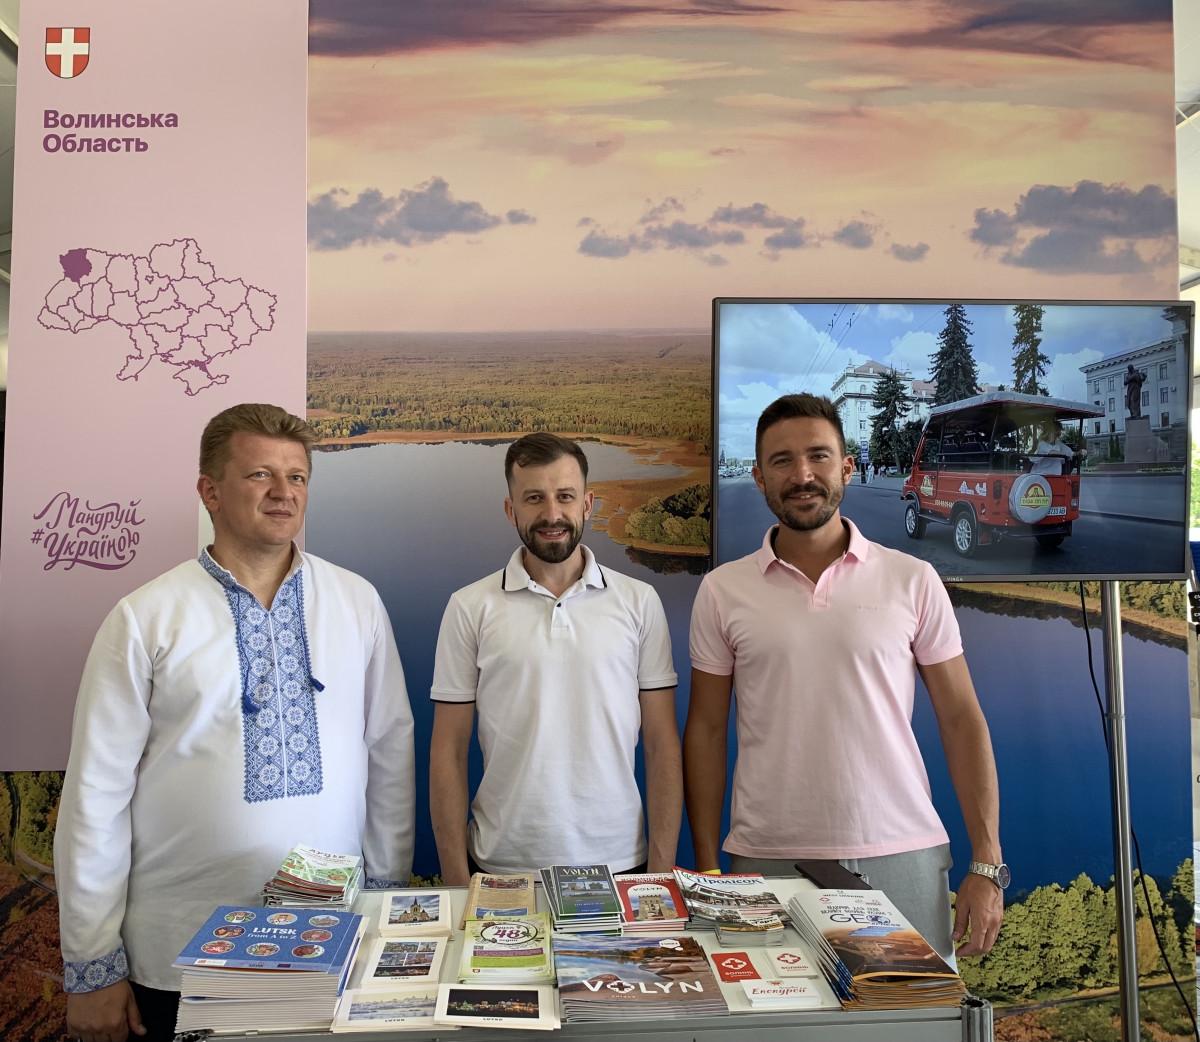 Волинь презентувала свій туристичний потенціал на фестивалі «Мандруй Україною»